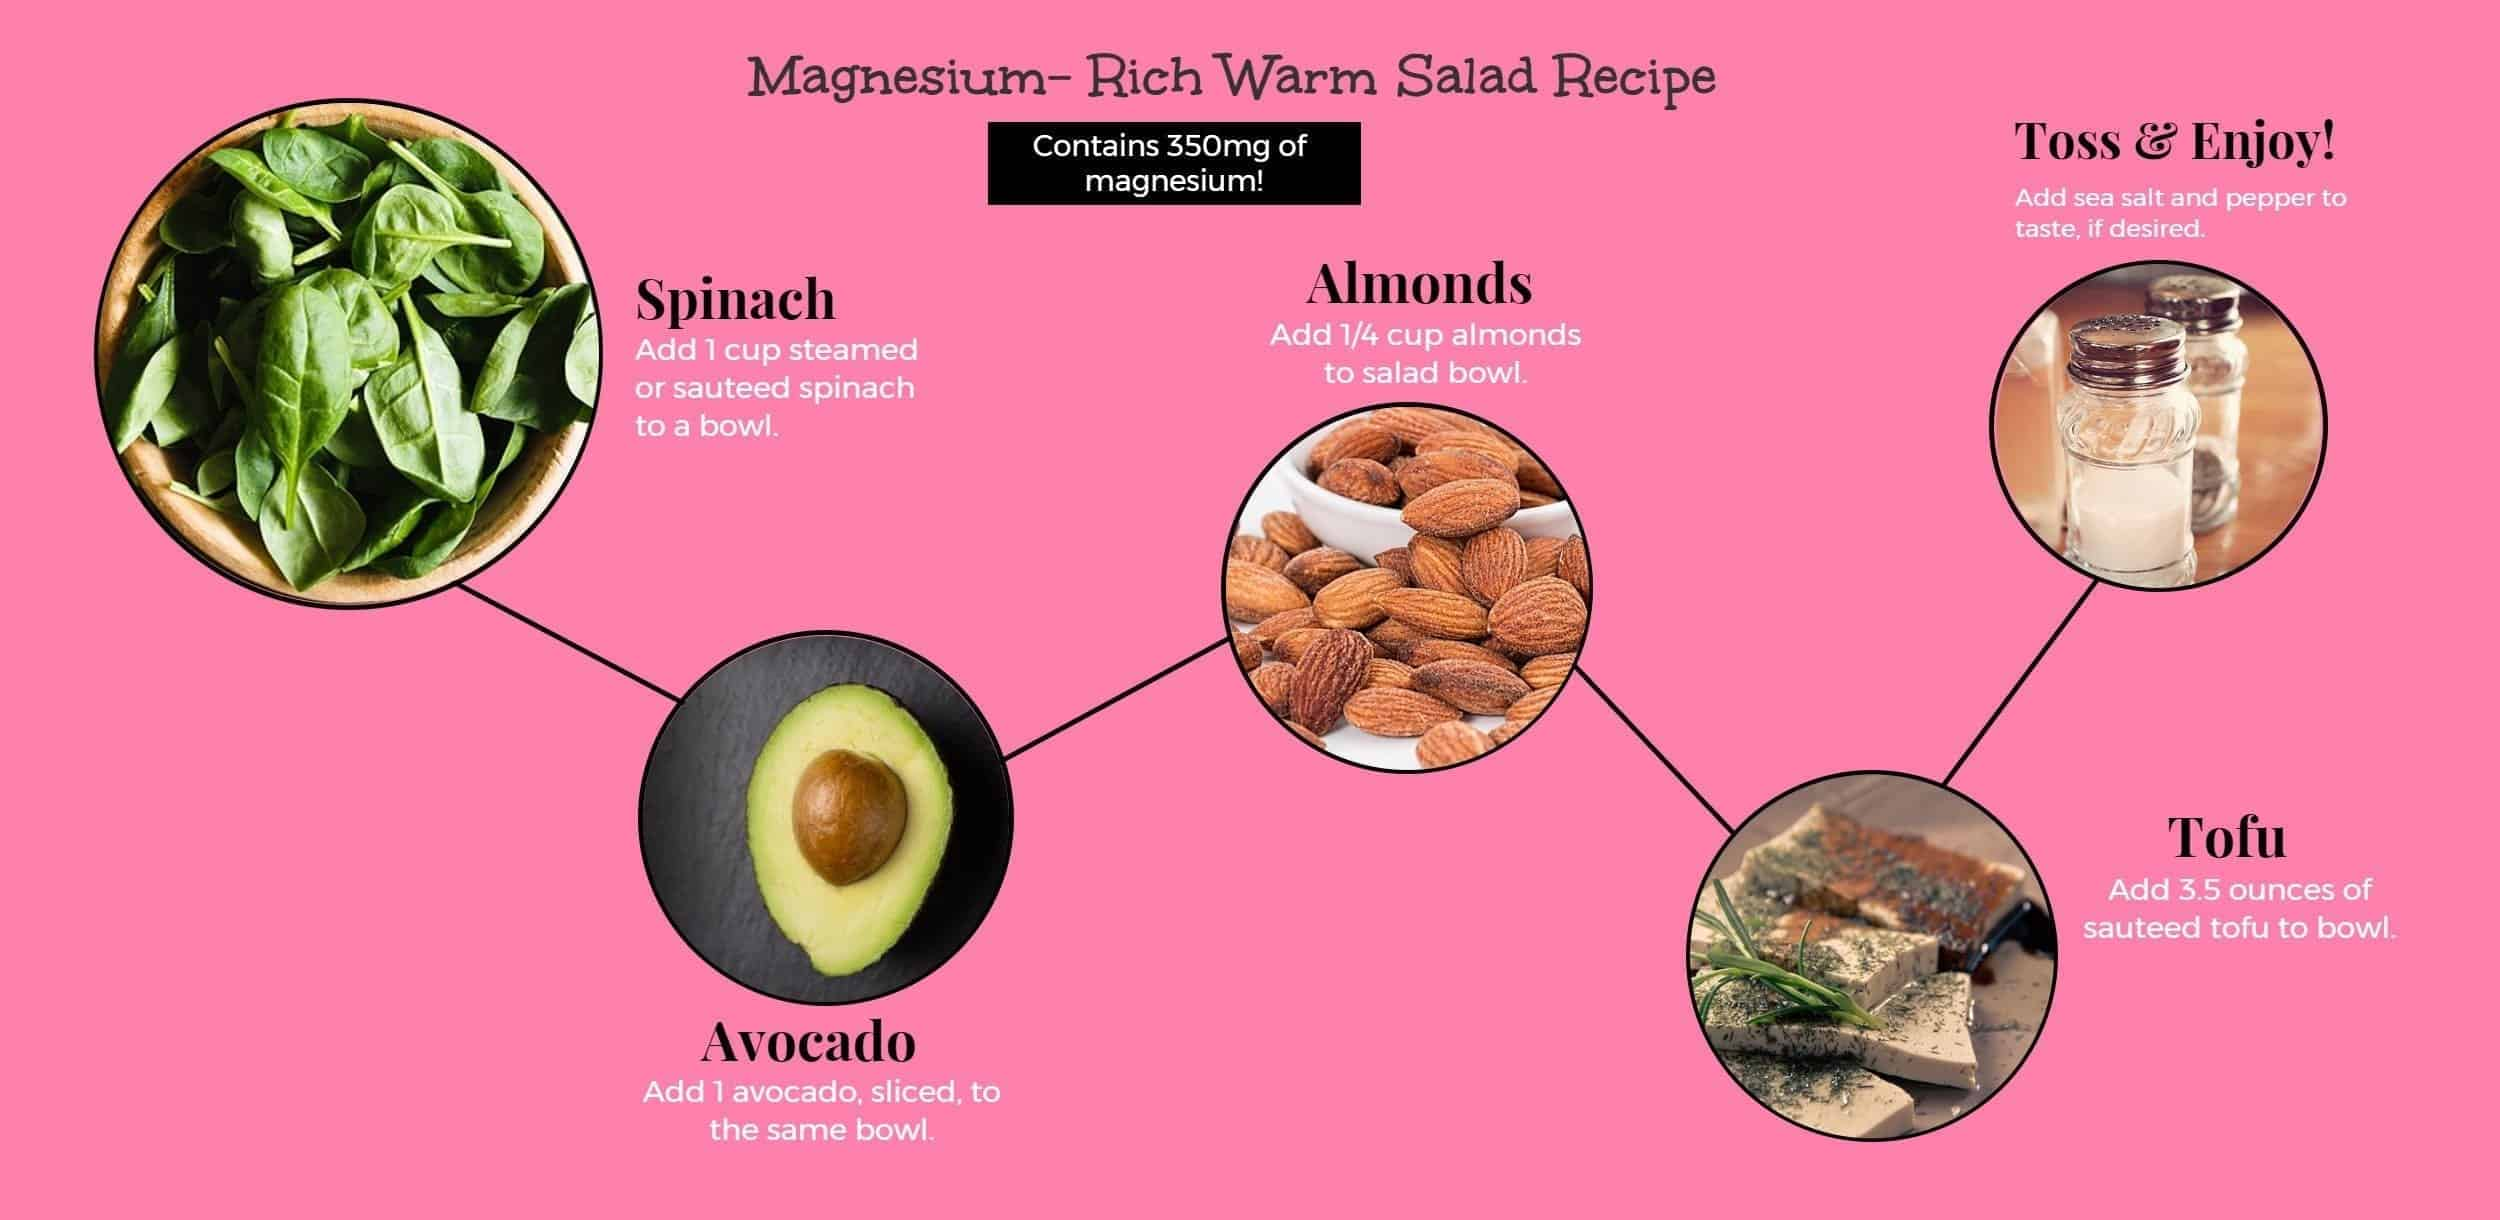 Magnesium rich salad recipe